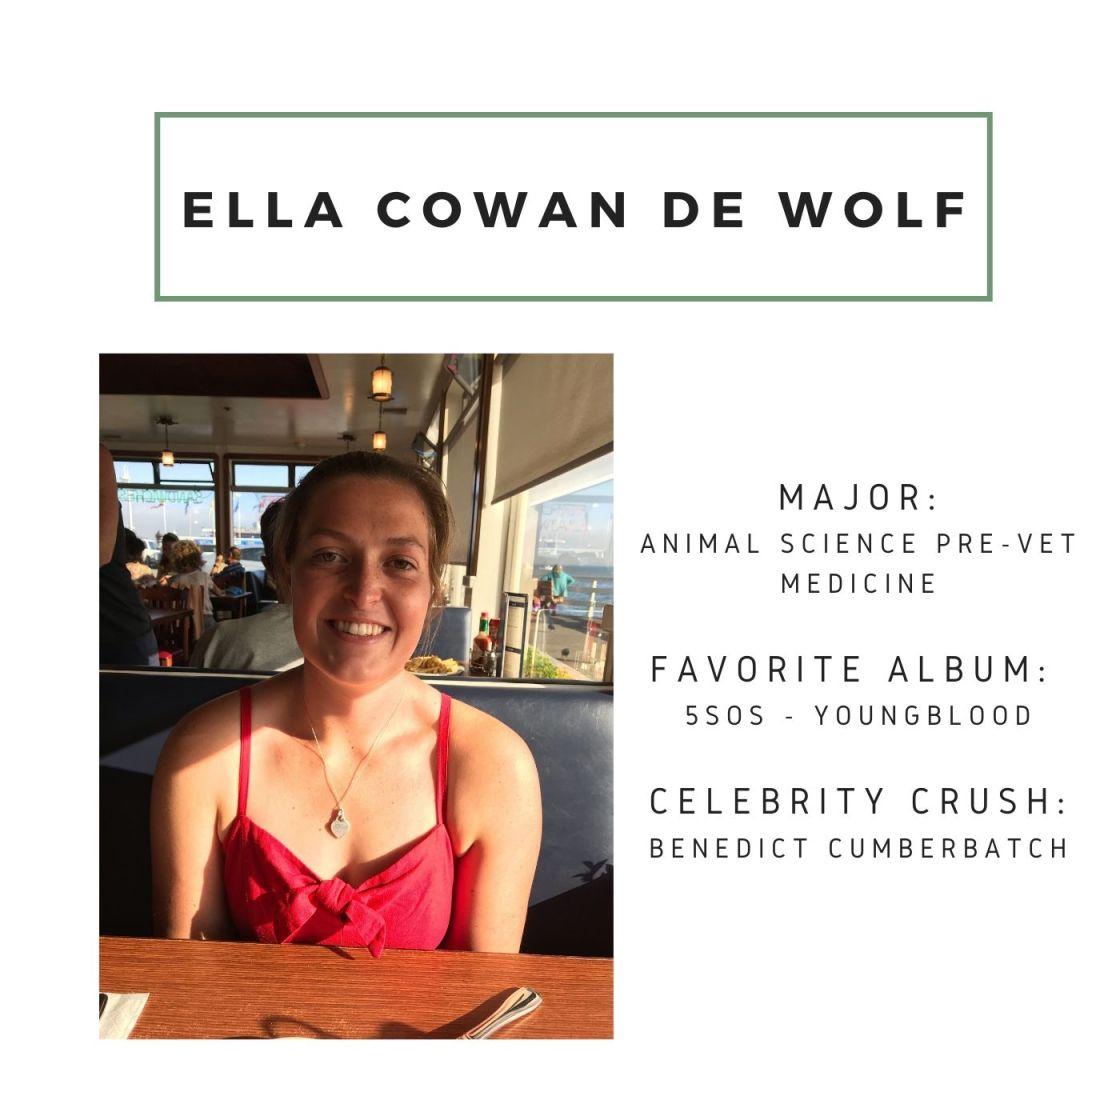 Ella Cowan de Wolf